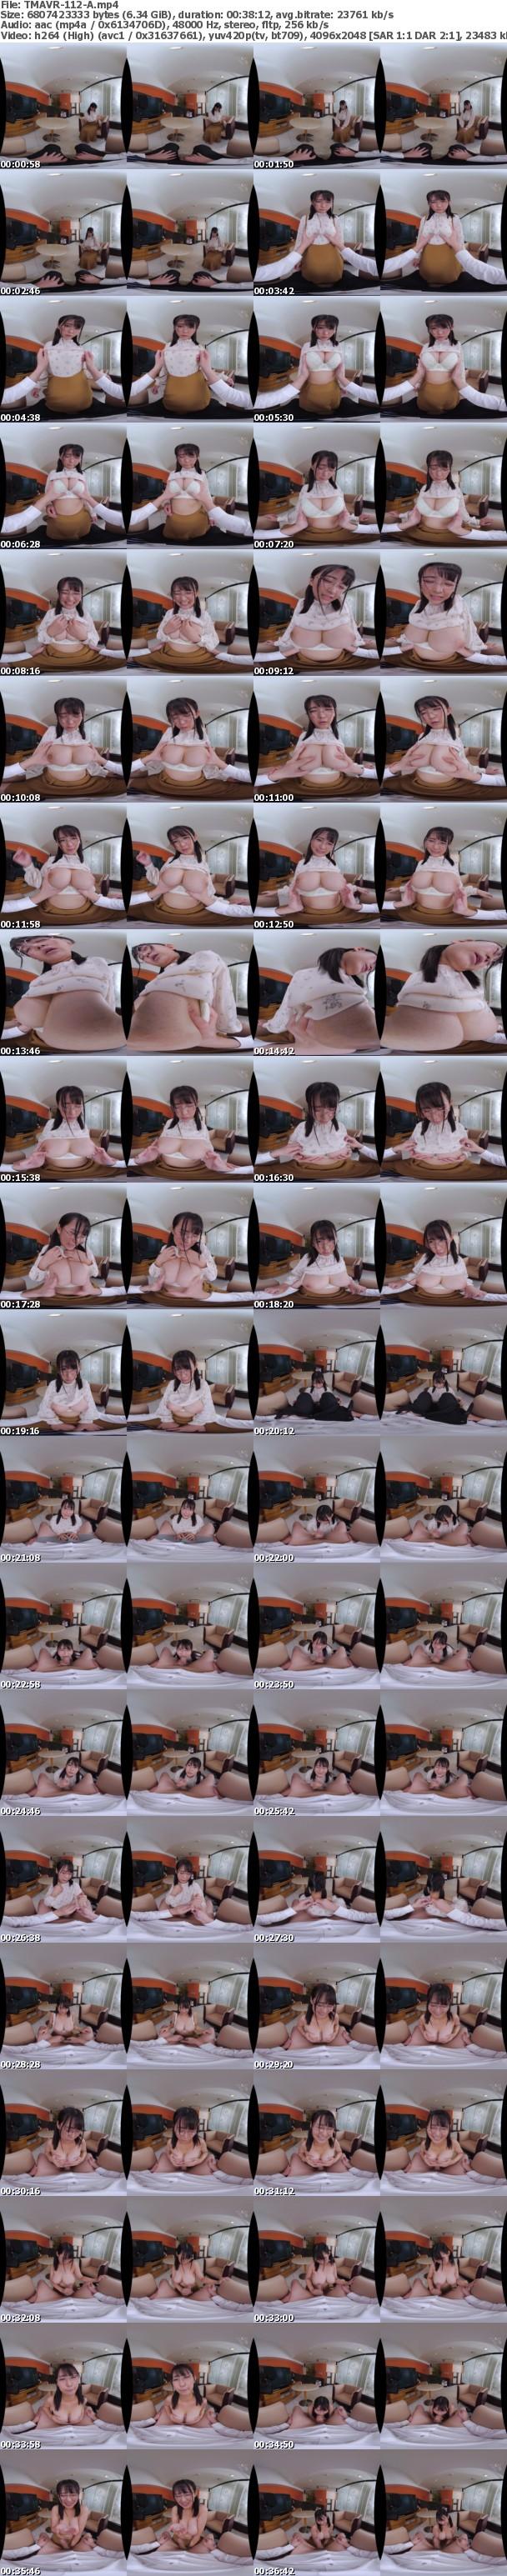 (VR) TMAVR-112 アプリでマッチングしたパン屋で働く女の子が地味子だったので期待していなかったが脱いだらムチムチ超敏感な神乳爆乳のむっつりスケベで何度も射精してしまった。ともこ 神坂朋子